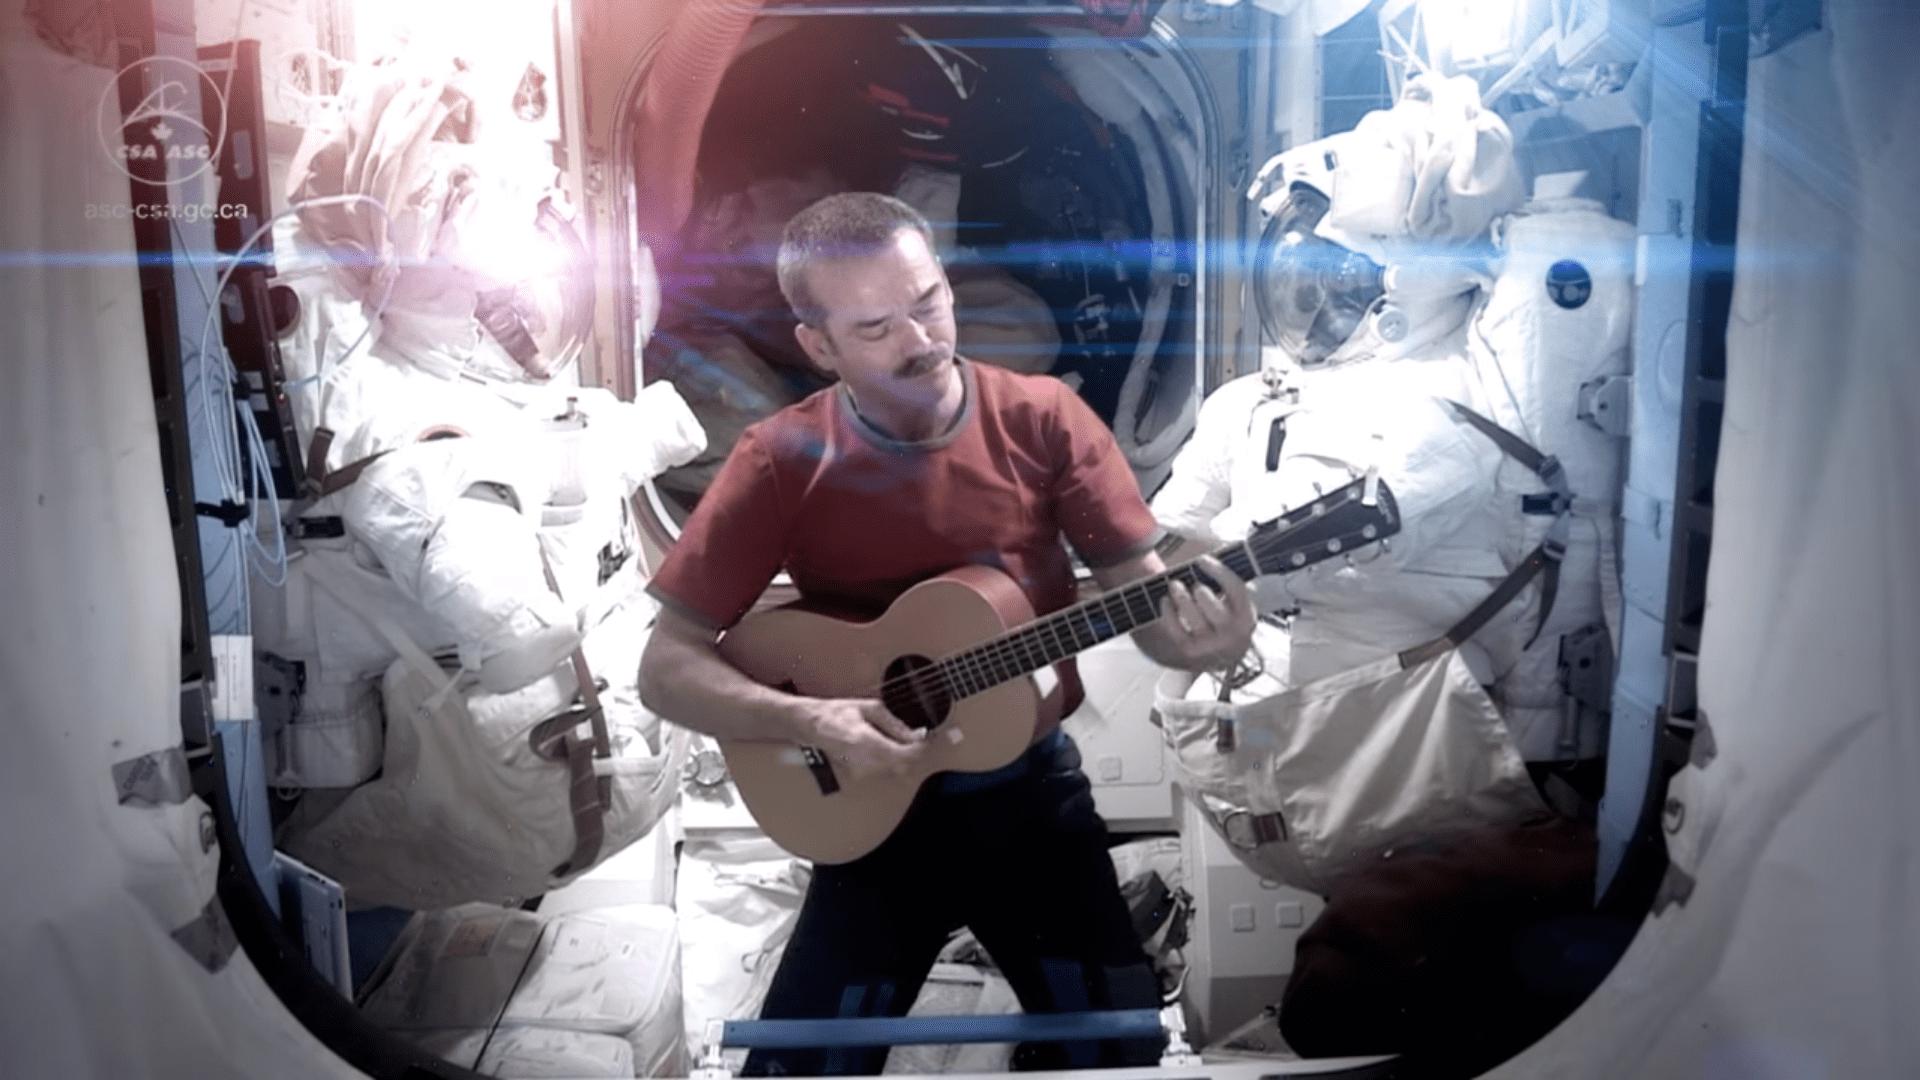 """Kanadyjczyk w kosmosie, czyli """"Kosmiczny poradnik życia na Ziemi"""" – recenzja książki"""